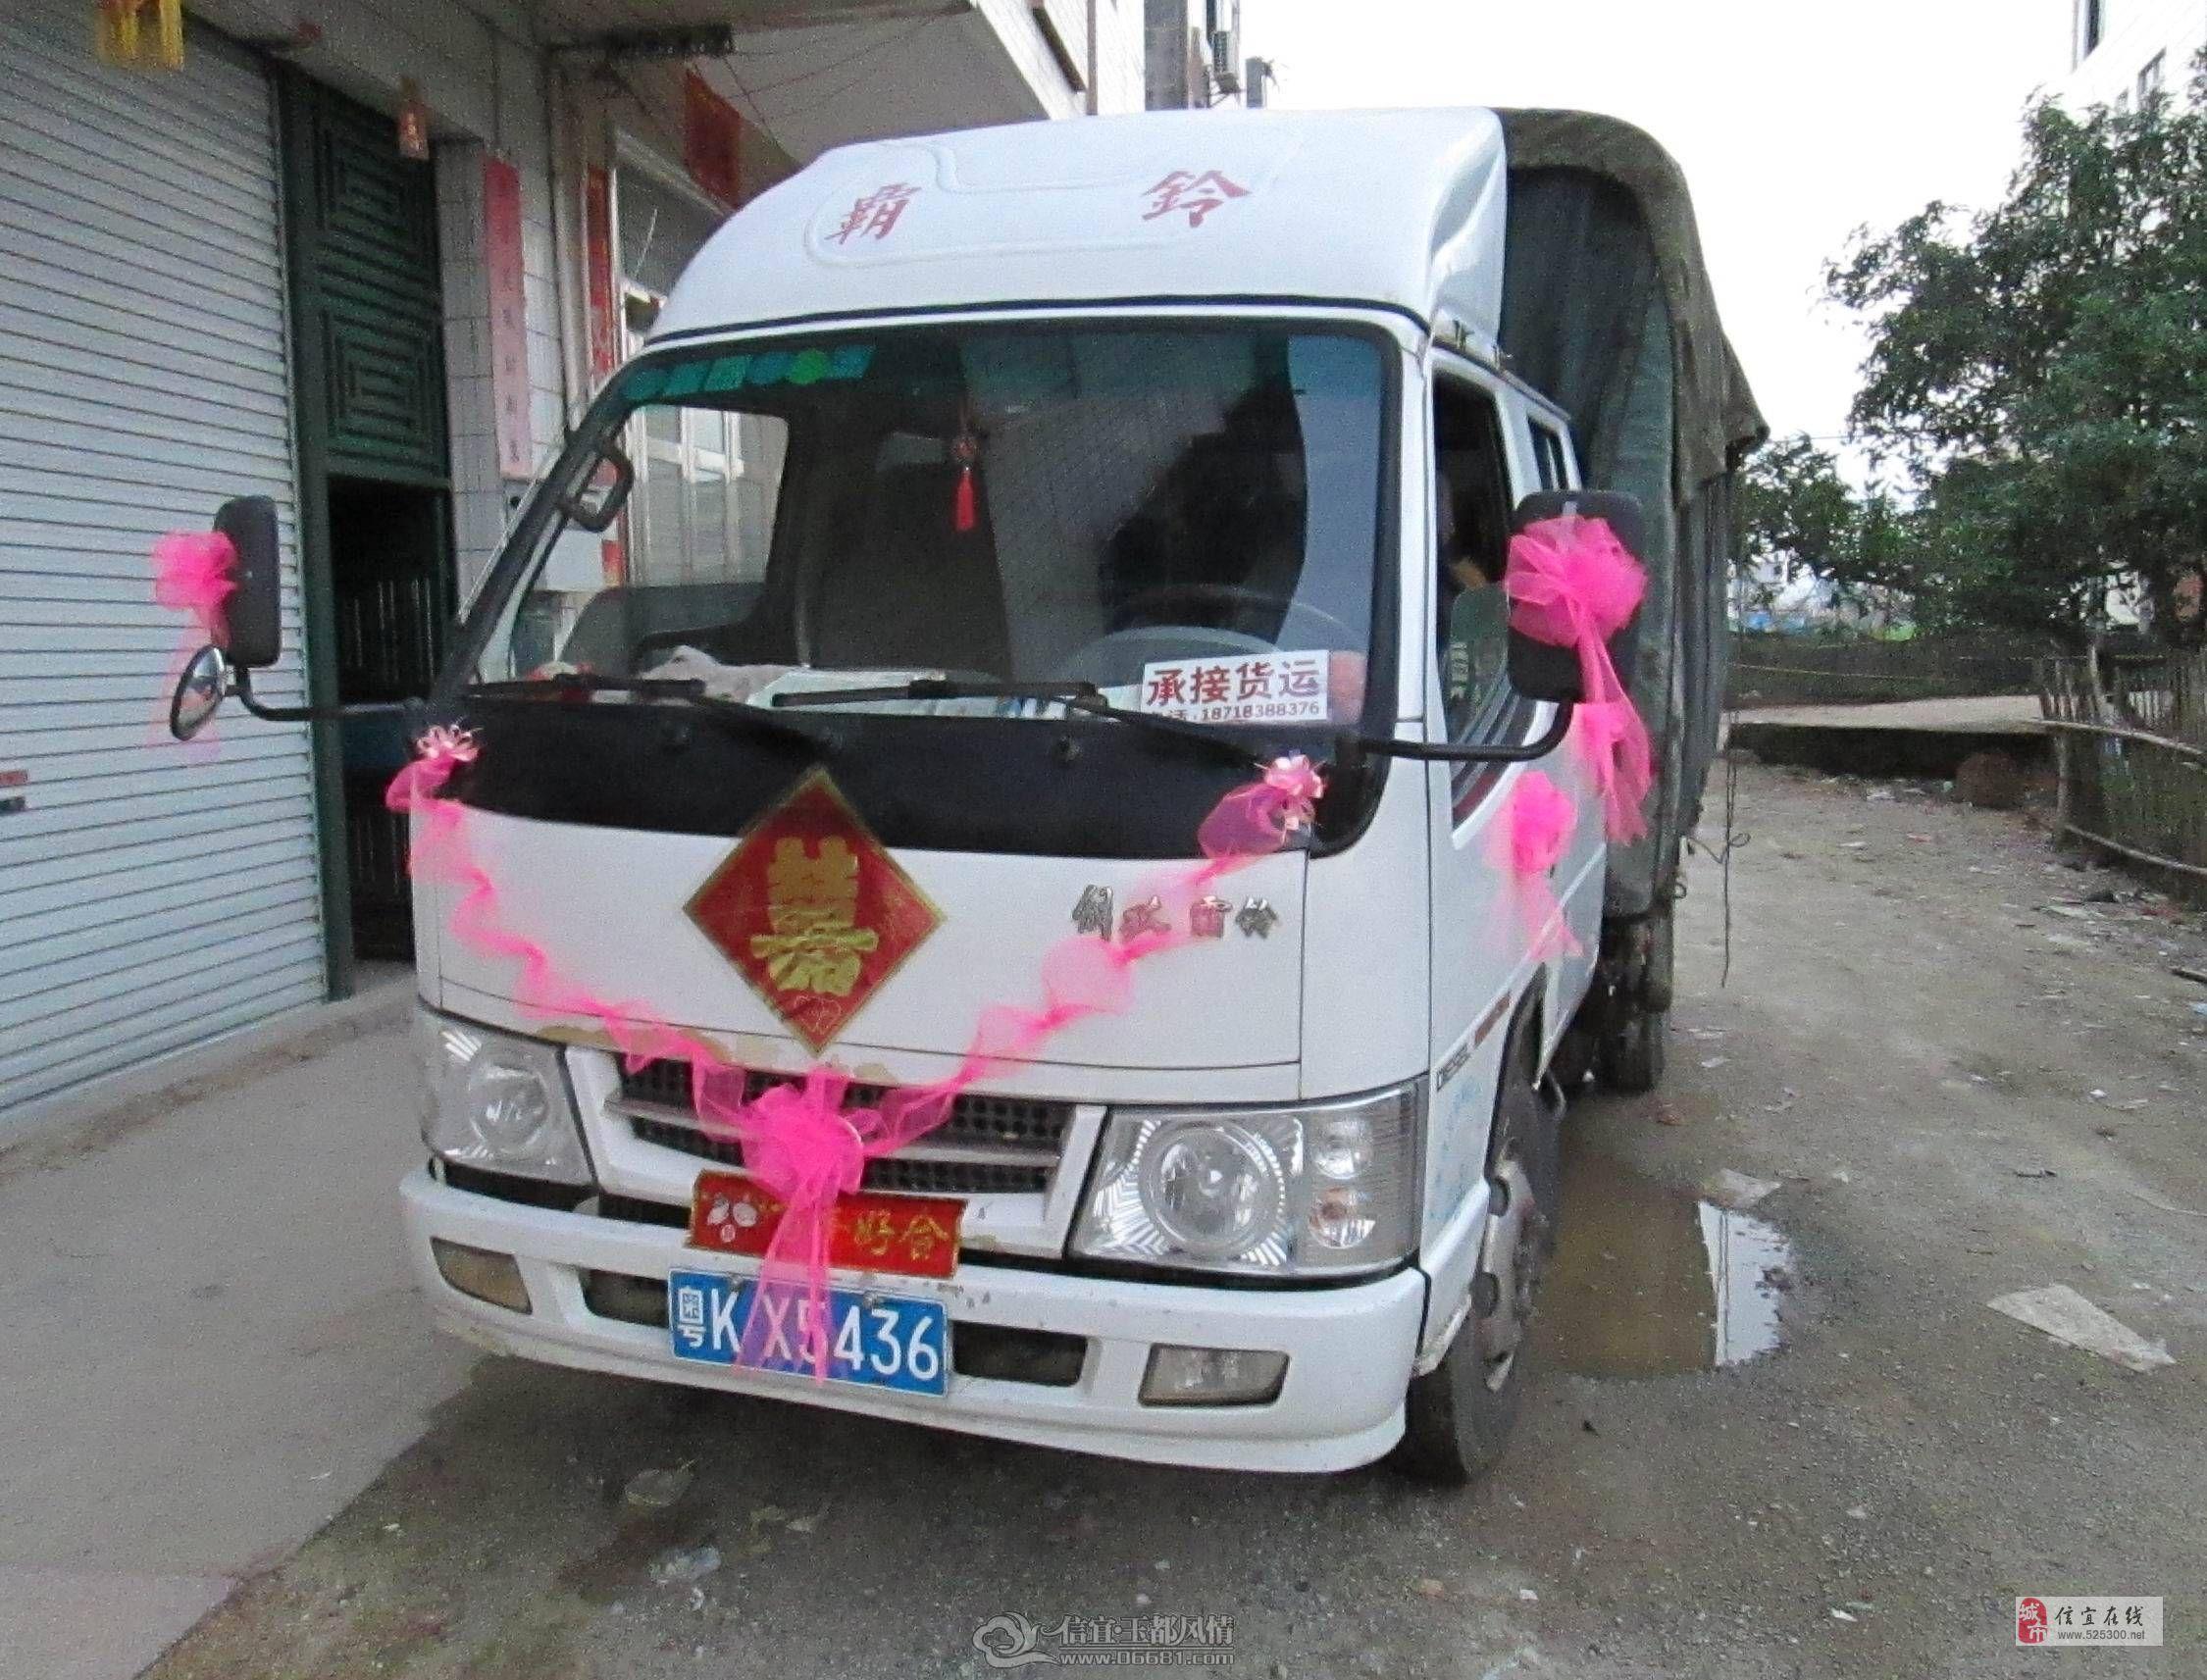 2010款白色雙排座貨車承接貨物運輸丶婚車丶花車拉嫁妝丶搬家